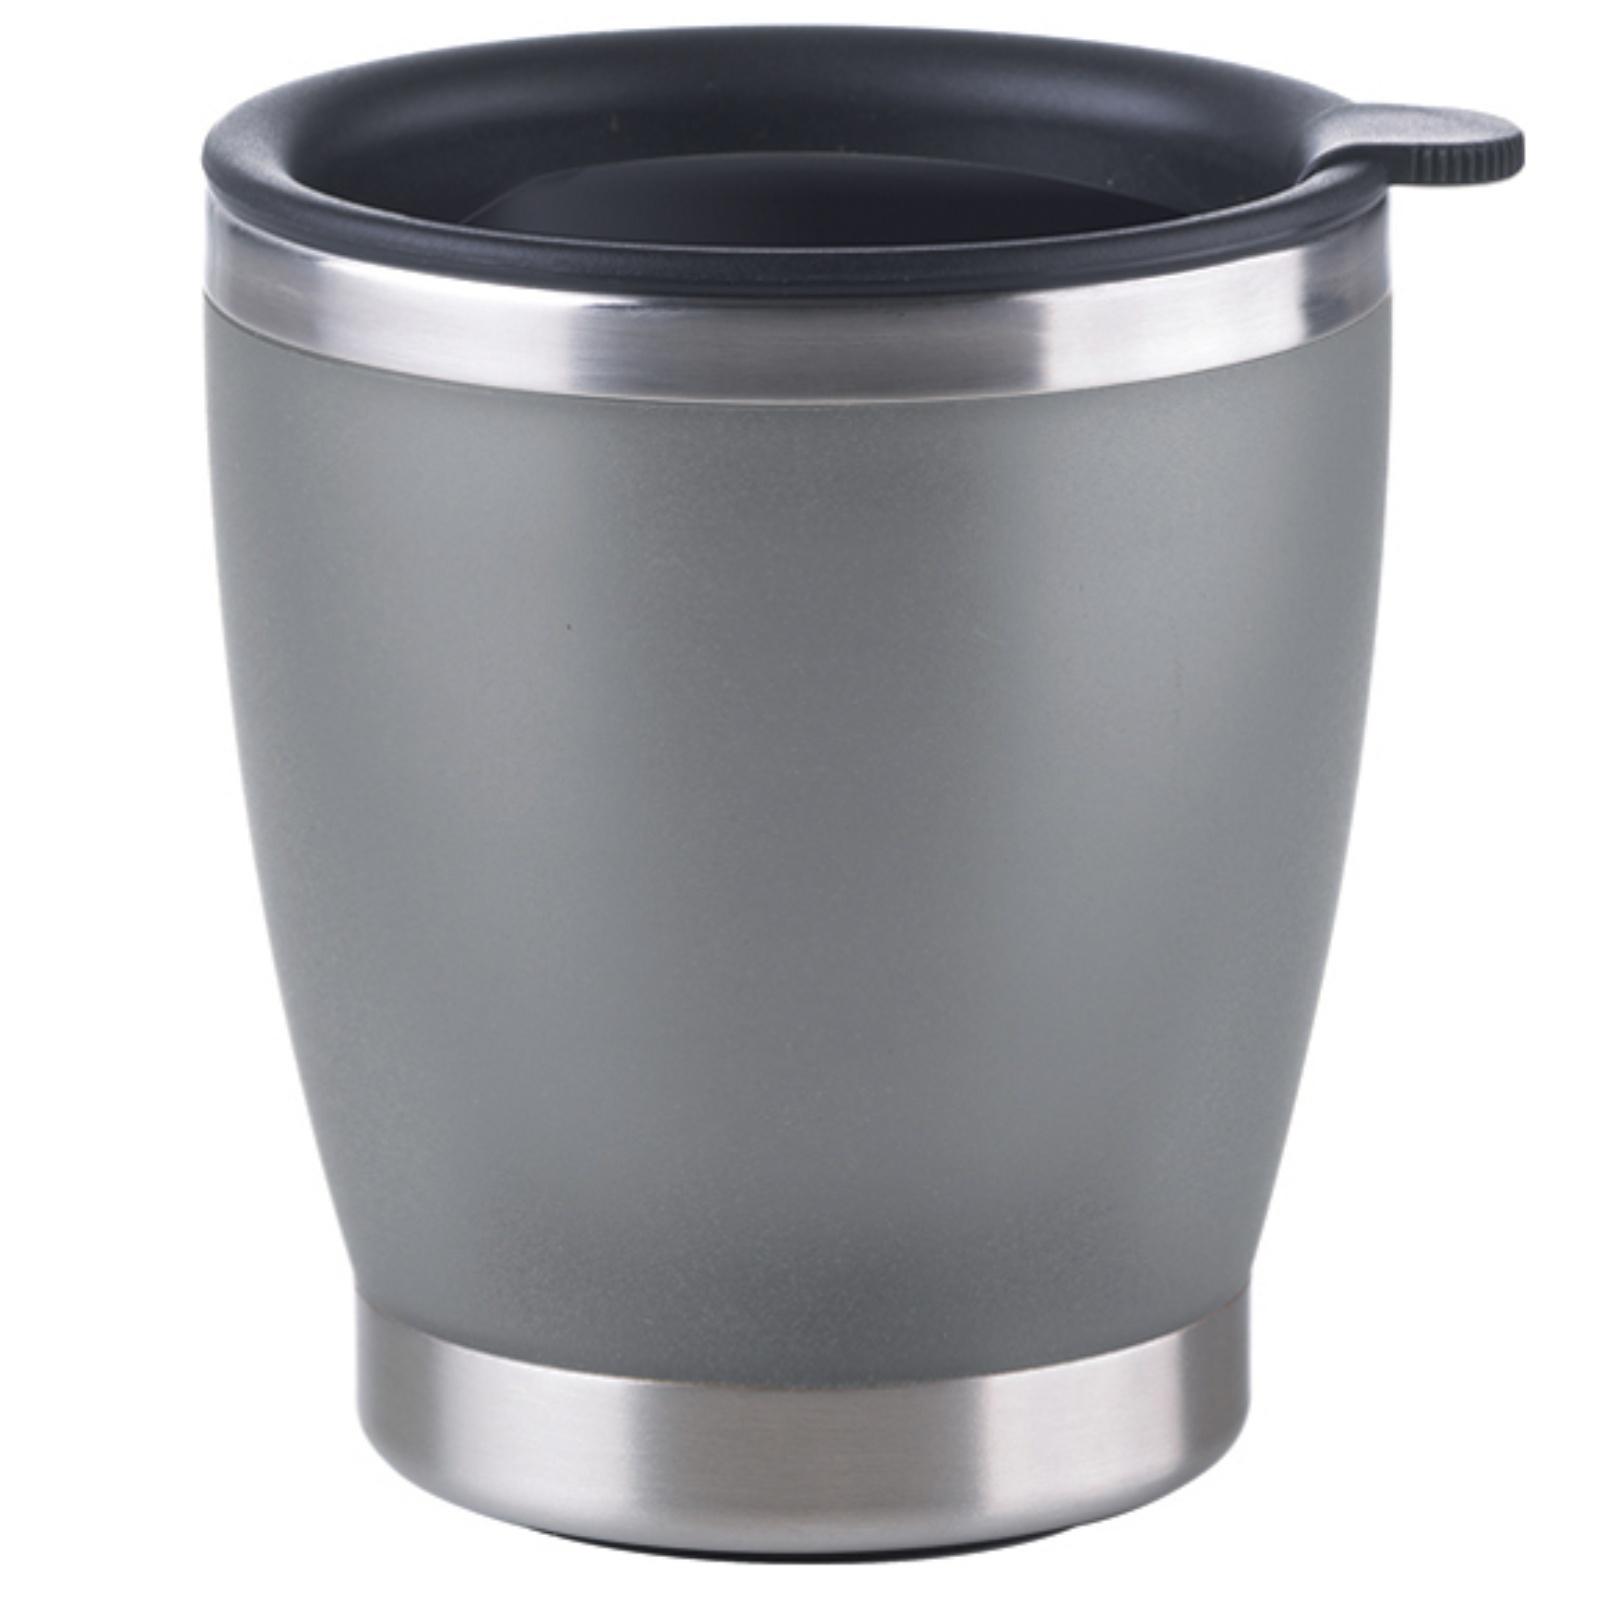 Termohrnek EMSA City Cup 0,2l - stříbrný